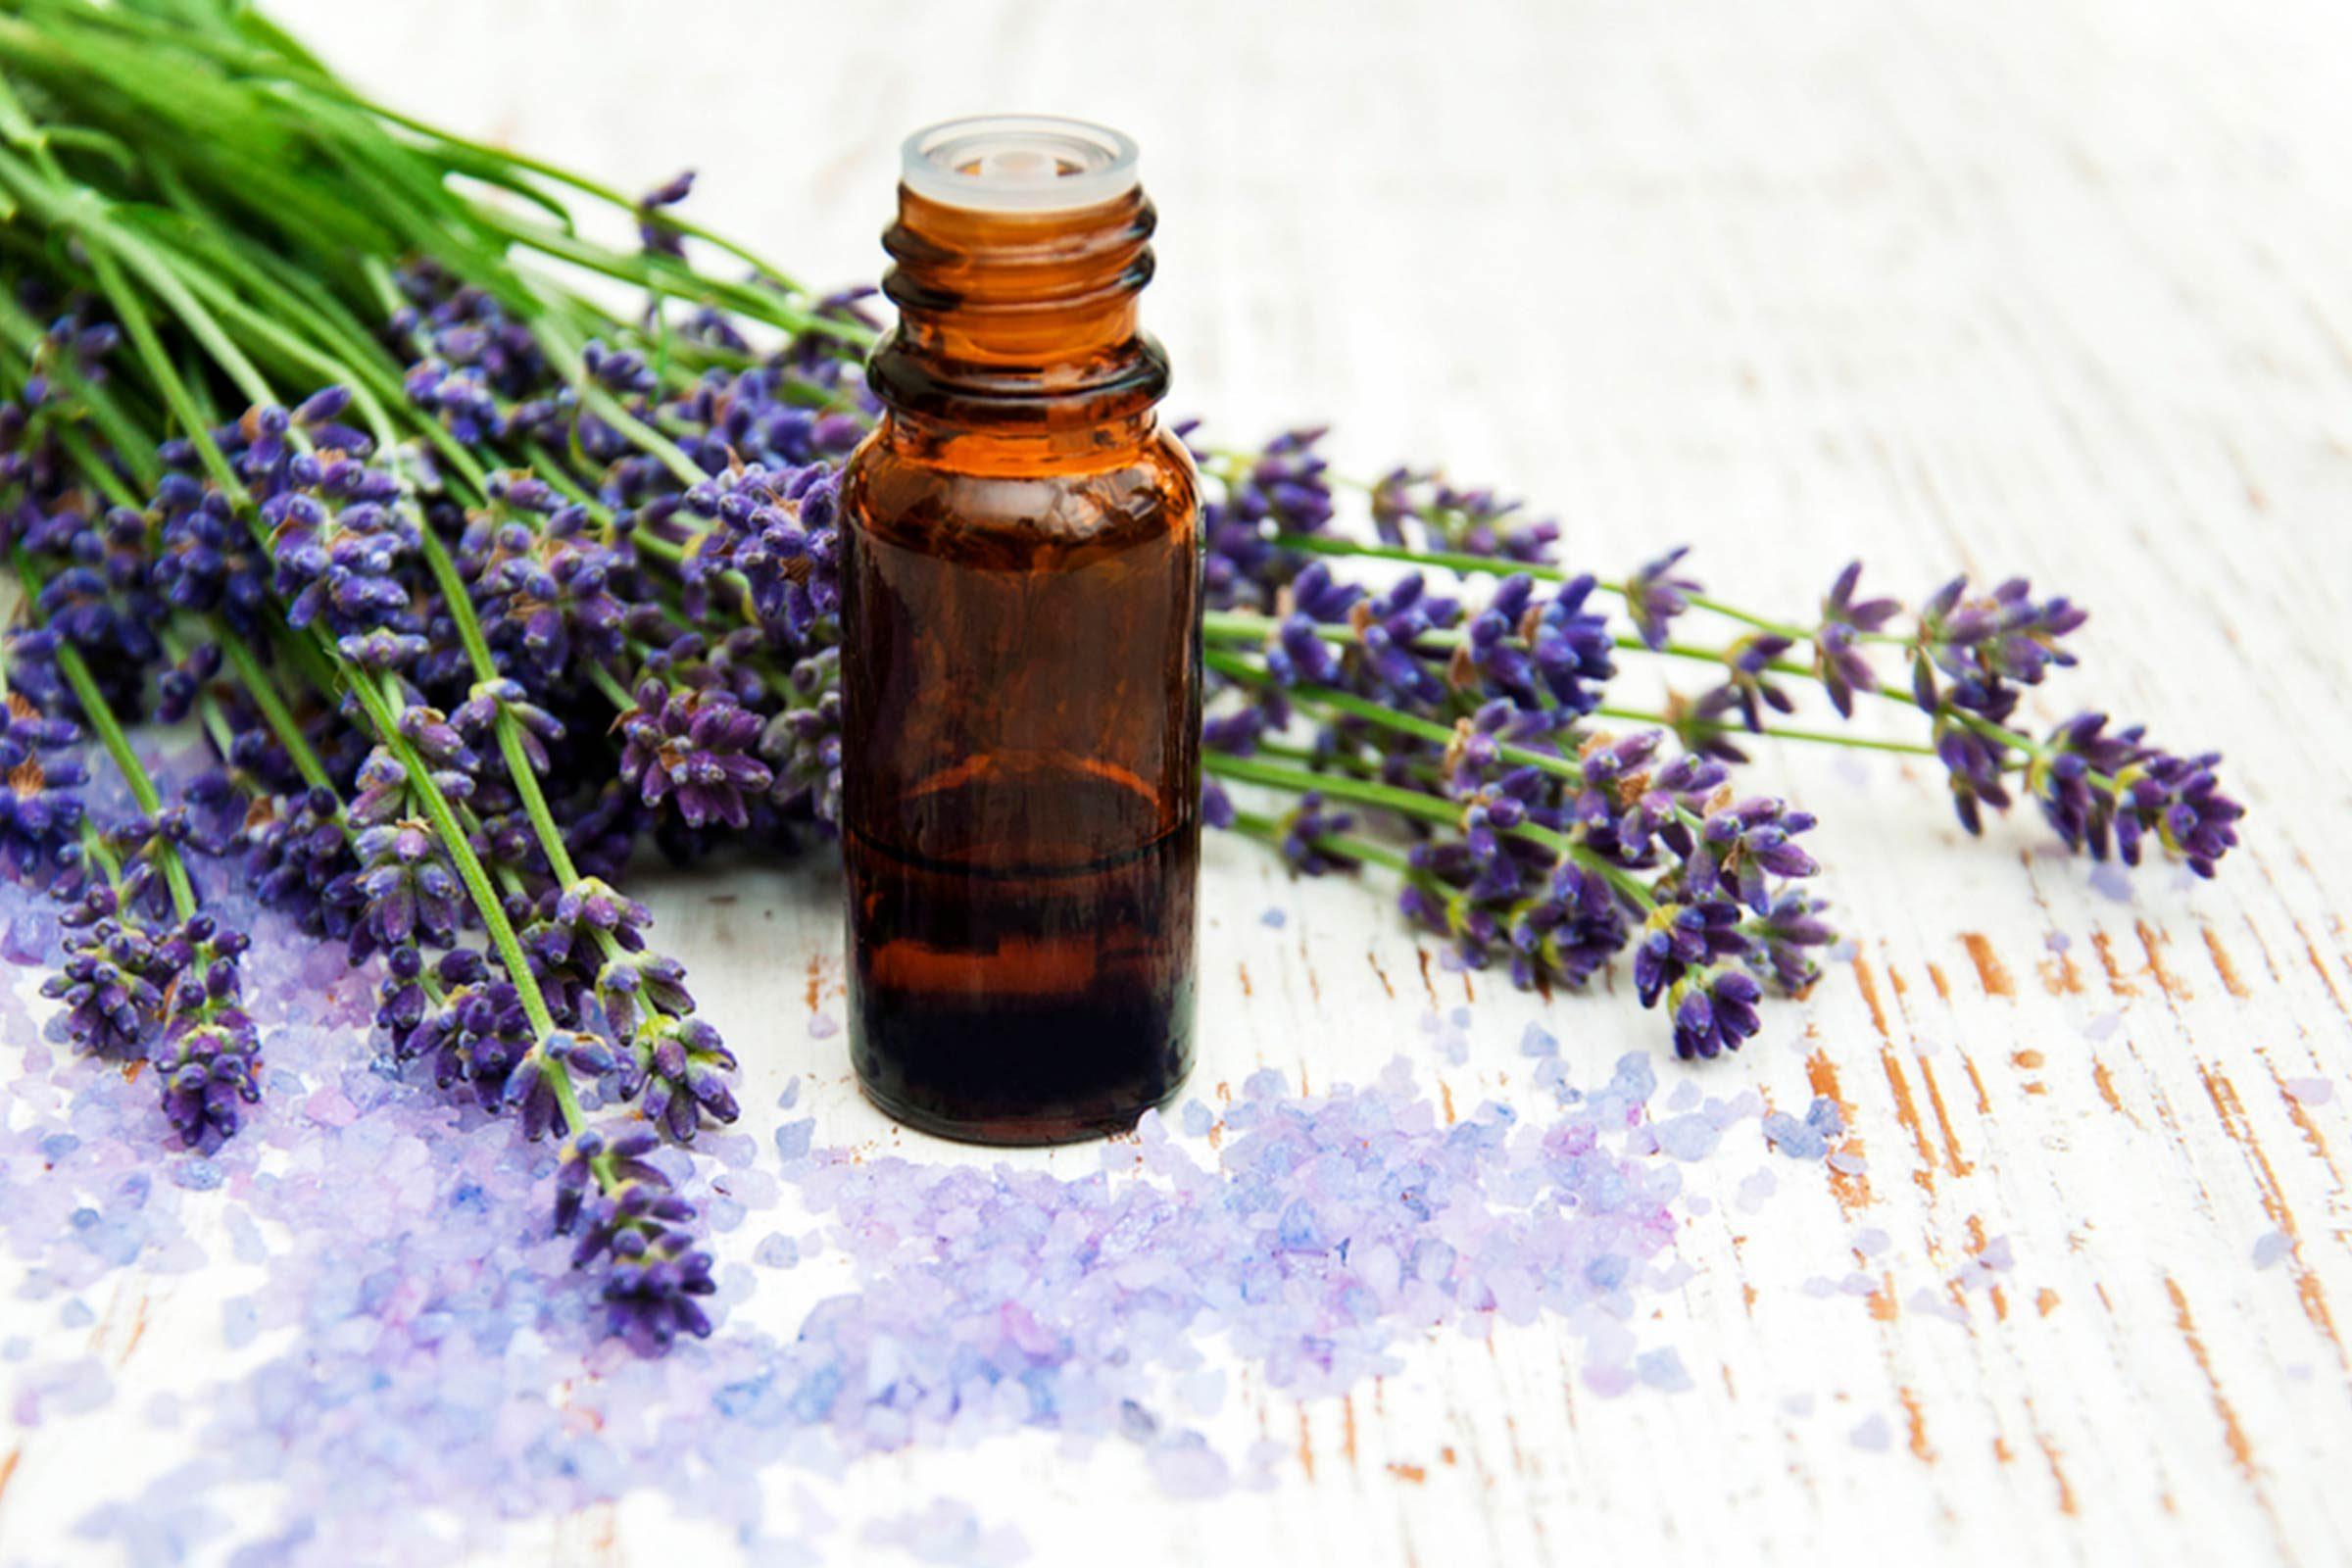 Huiles essentielles: La sauge sclarée pour guérir le rhume